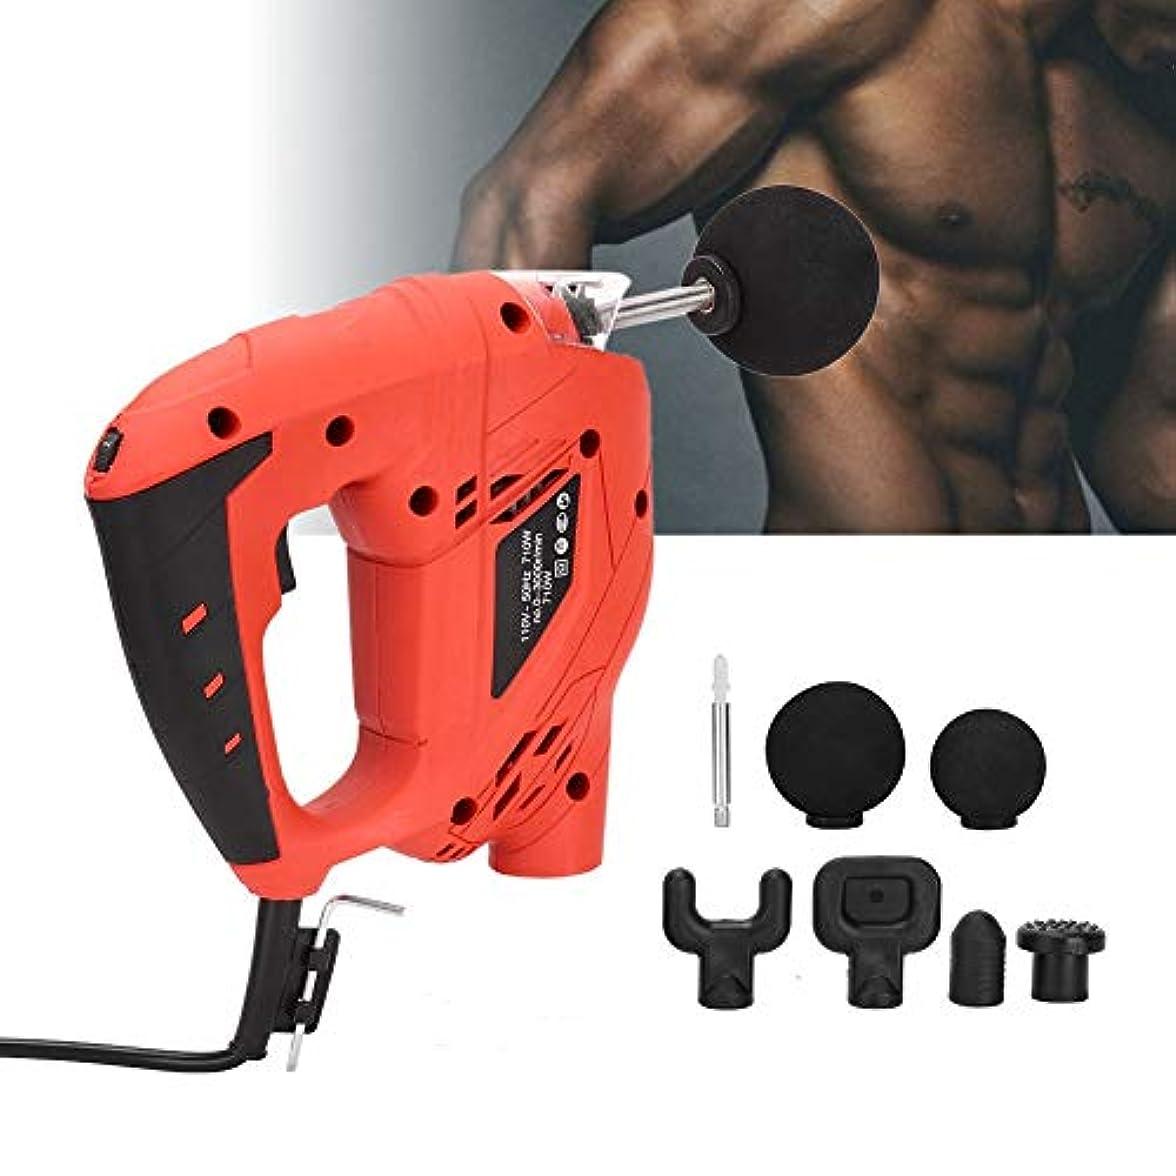 スクリュー実際のシネマ筋肉マッサージ銃、調整可能な速度を備えたプロのハンドヘルド振動マッサージ装置、電動フルボディ筋肉マッサージ機器(US)